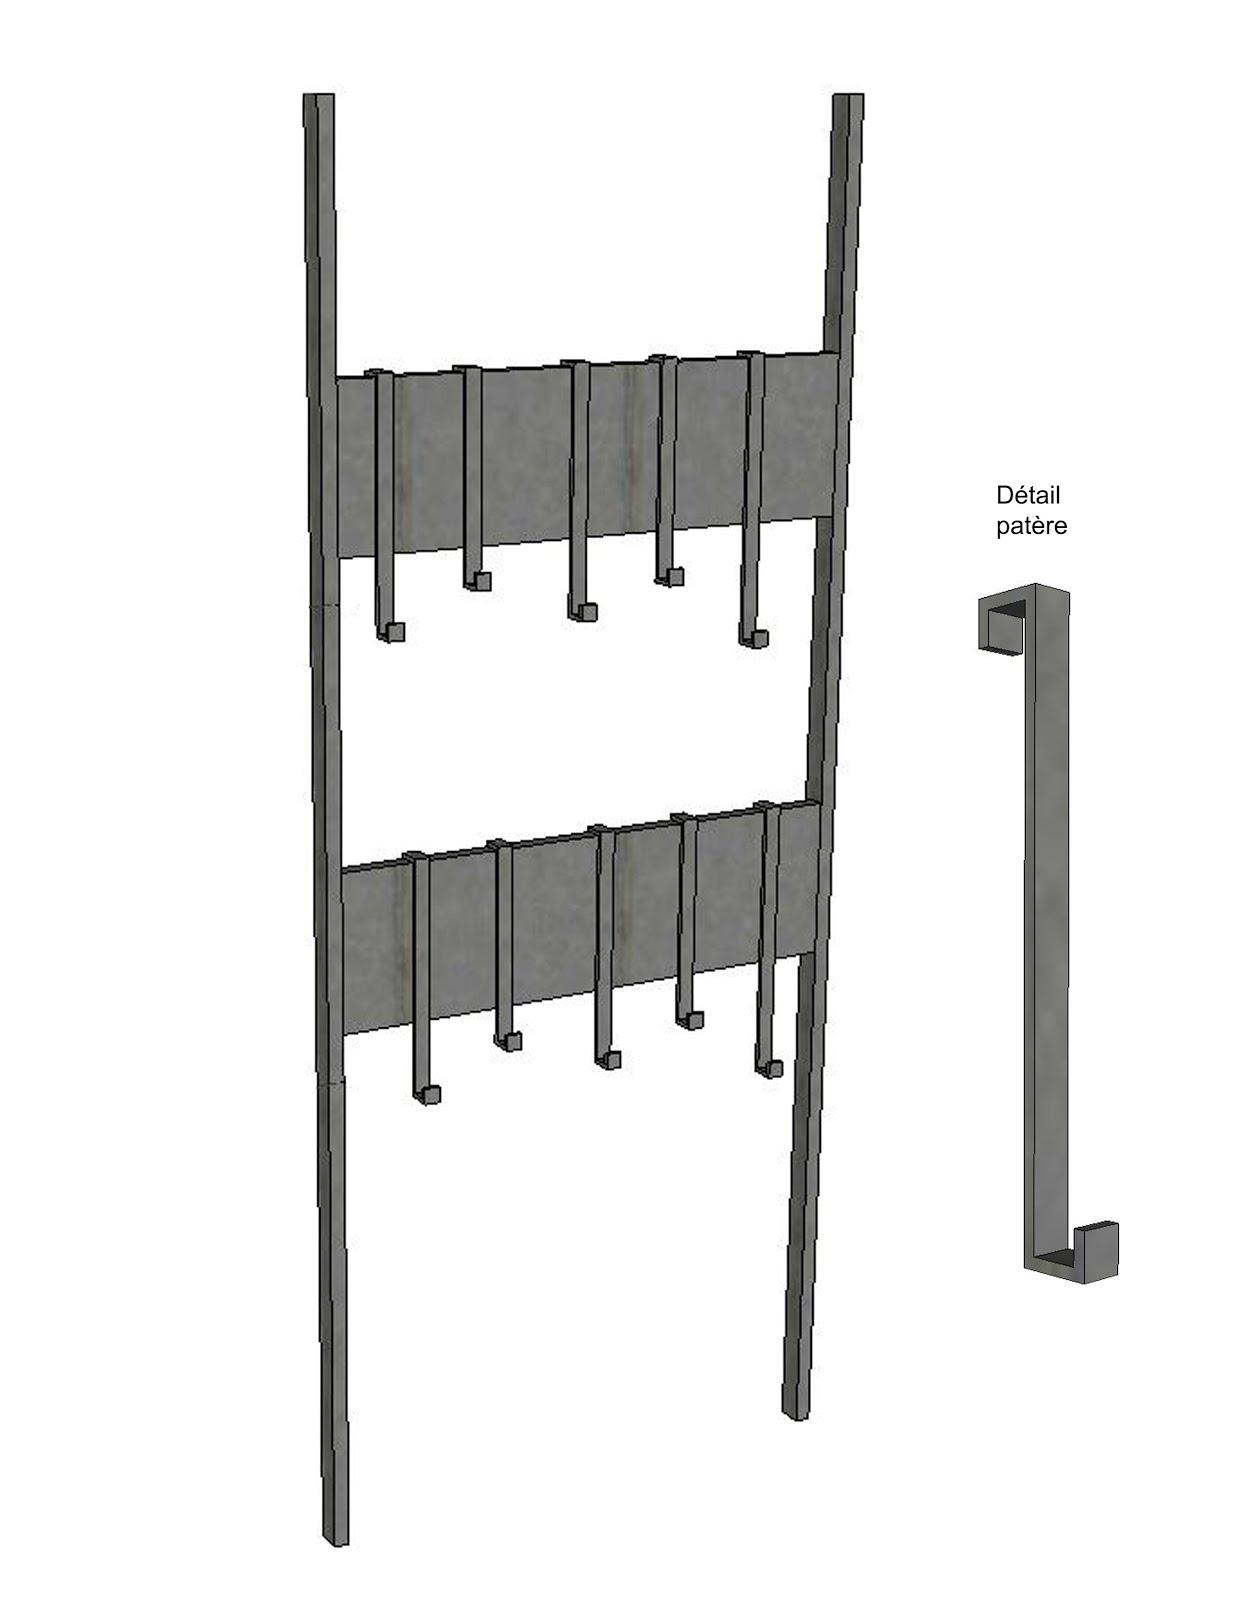 ferronnerie m tallerie serrurerie 79 deux s vres l 39 art du fer play porte manteau acier. Black Bedroom Furniture Sets. Home Design Ideas